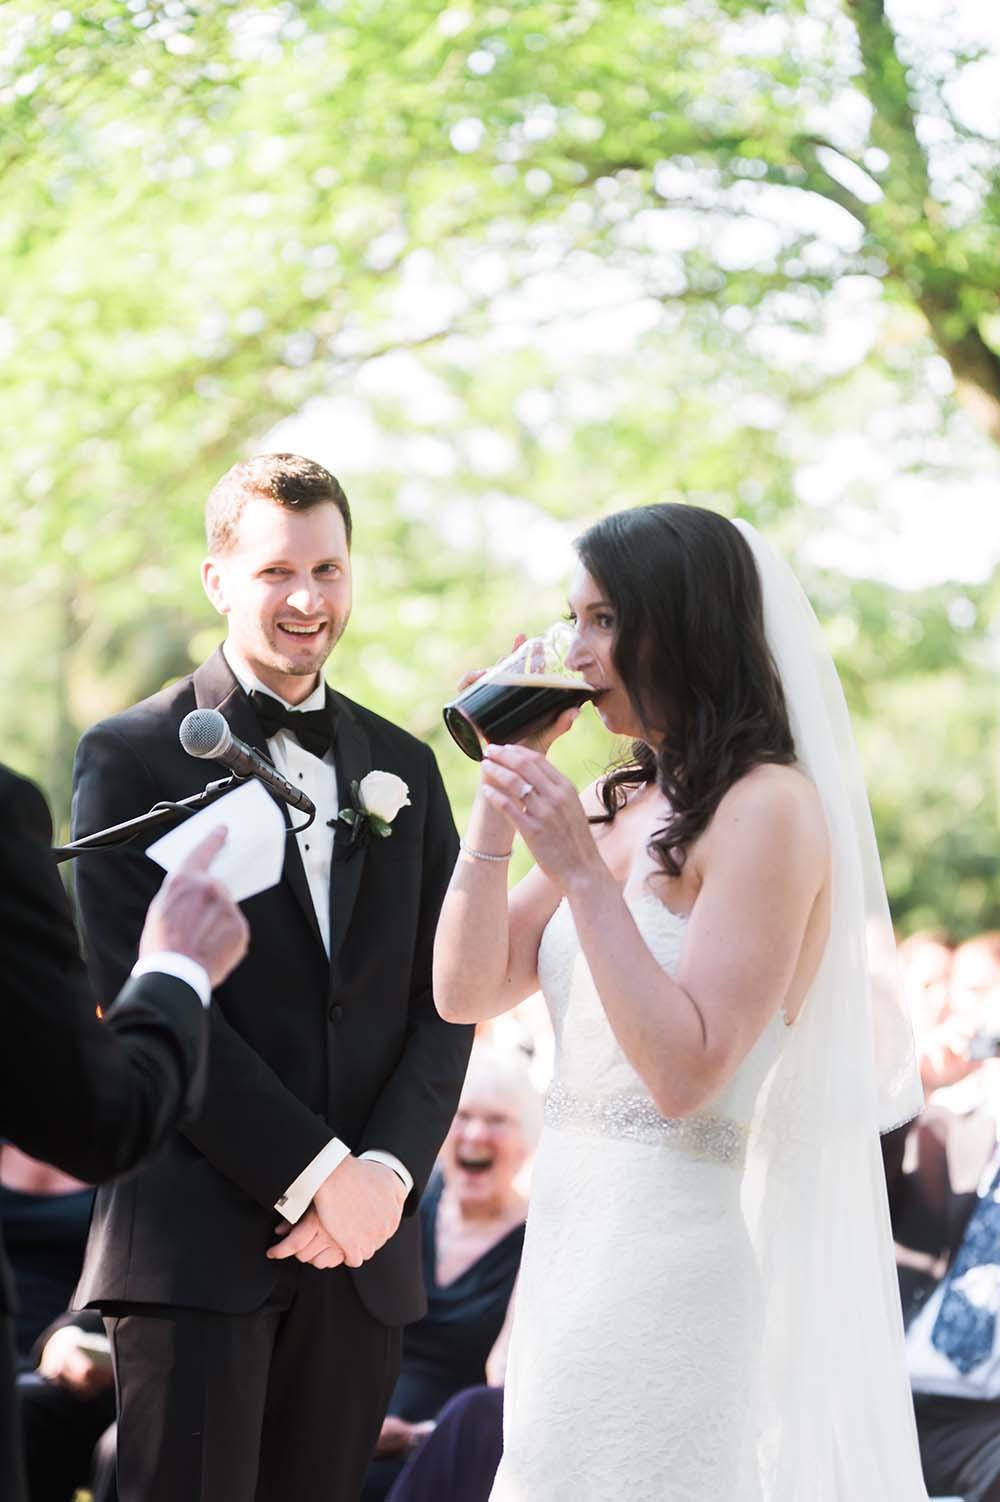 farmington-gardens-wedding-greg-lewis-photography-33